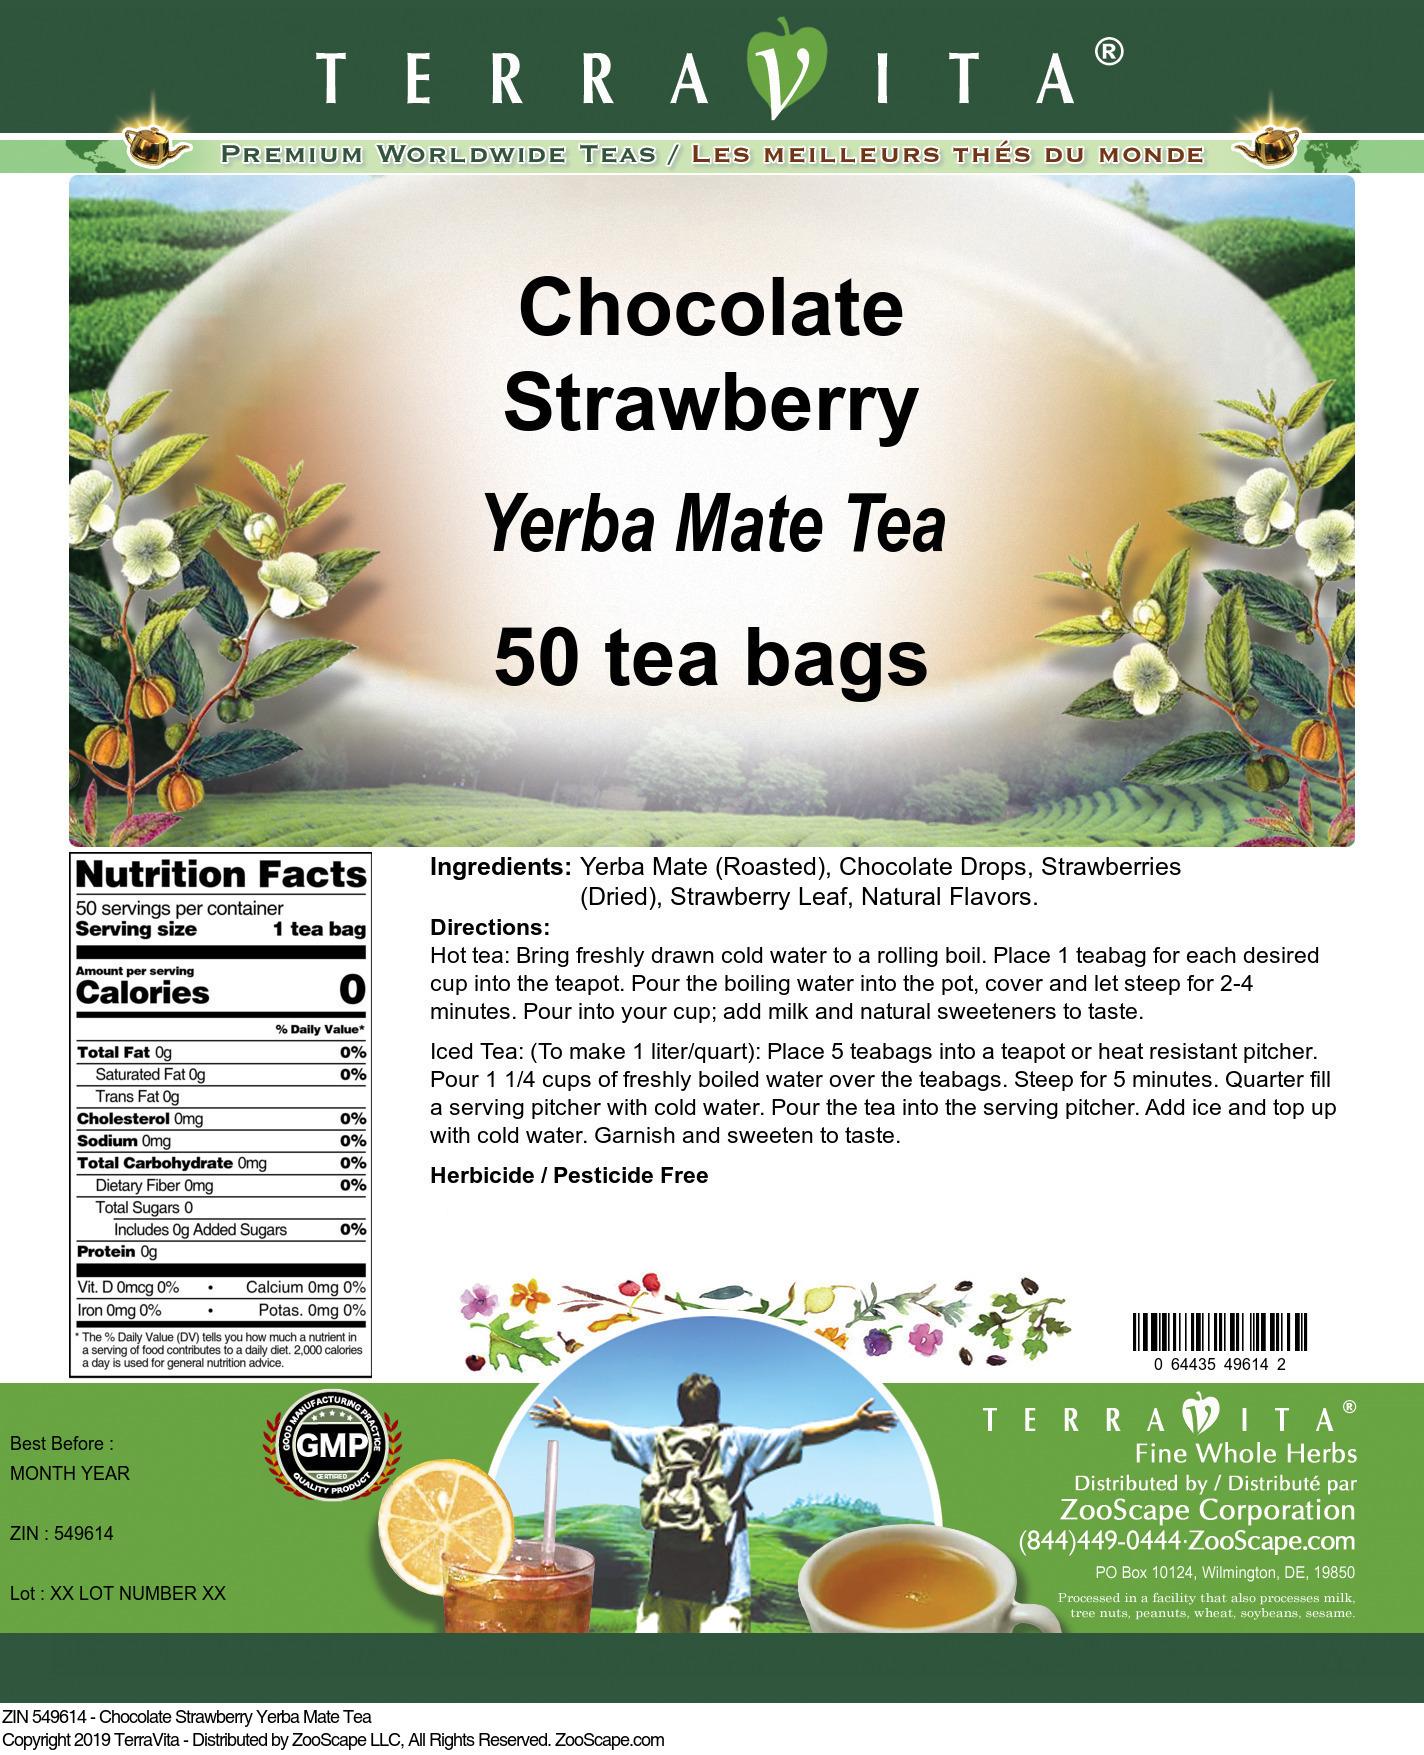 Chocolate Strawberry Yerba Mate Tea